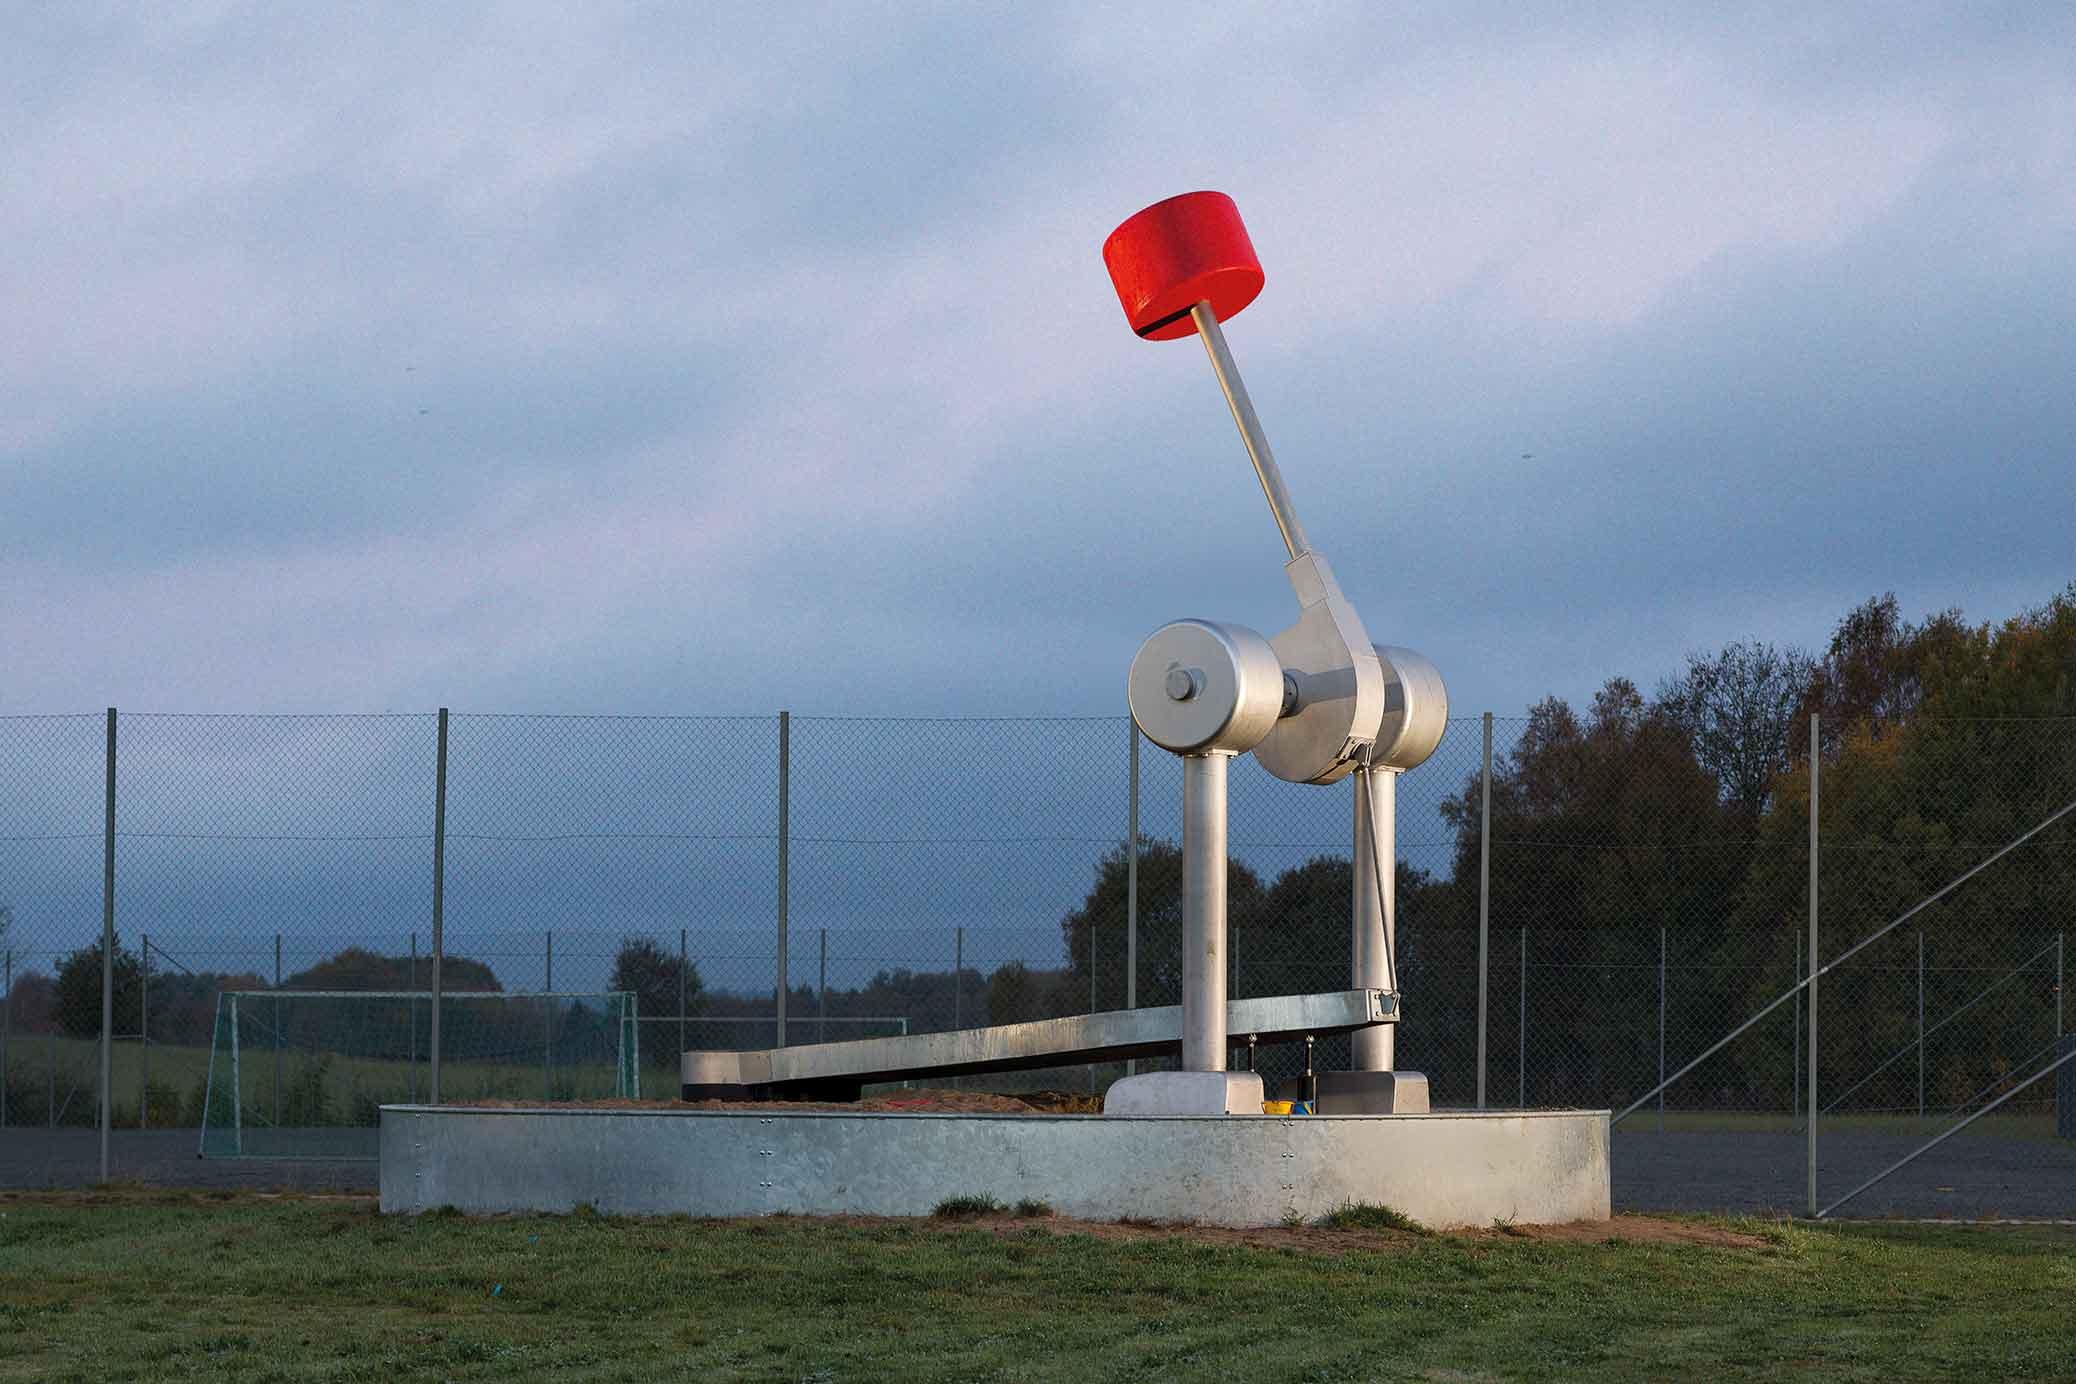 Bastrumspedal, offentlig utsmyckning av Björn Perborg, skulptur i rostfritt stål, fem meter hög.